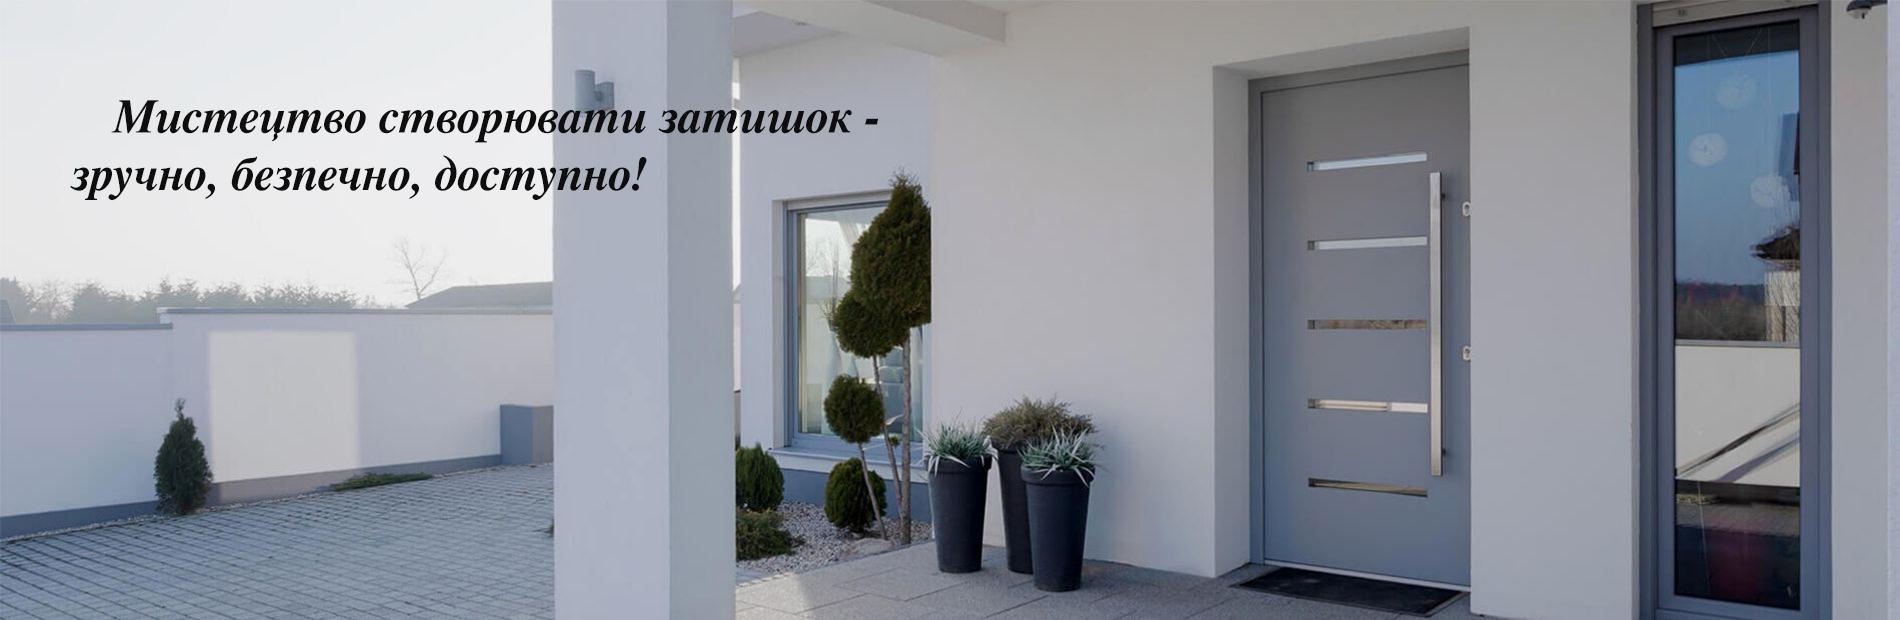 вхідні двері металеві в будинок квартиру металеві броньовані